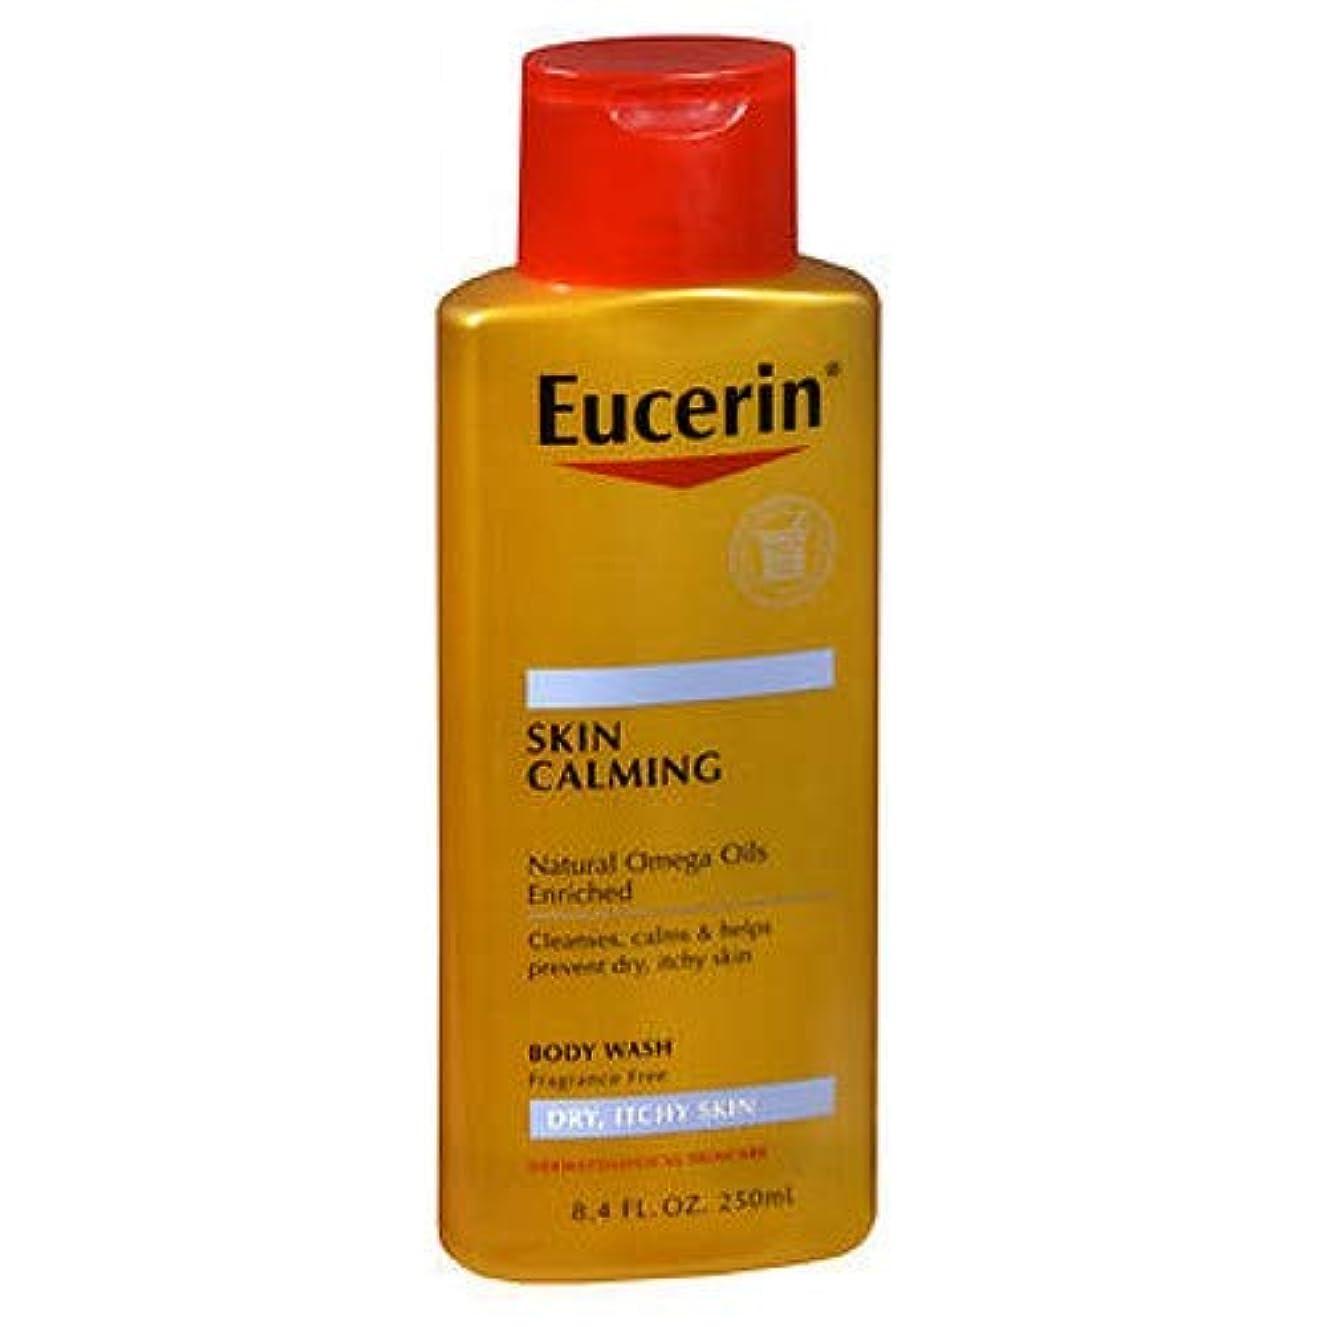 荒らす緯度花嫁ユーセリン スキン クライミング ボディーウォシュ 乾燥した肌、かゆみのある肌向け用 無香料 (250 ml) (並行輸入品)